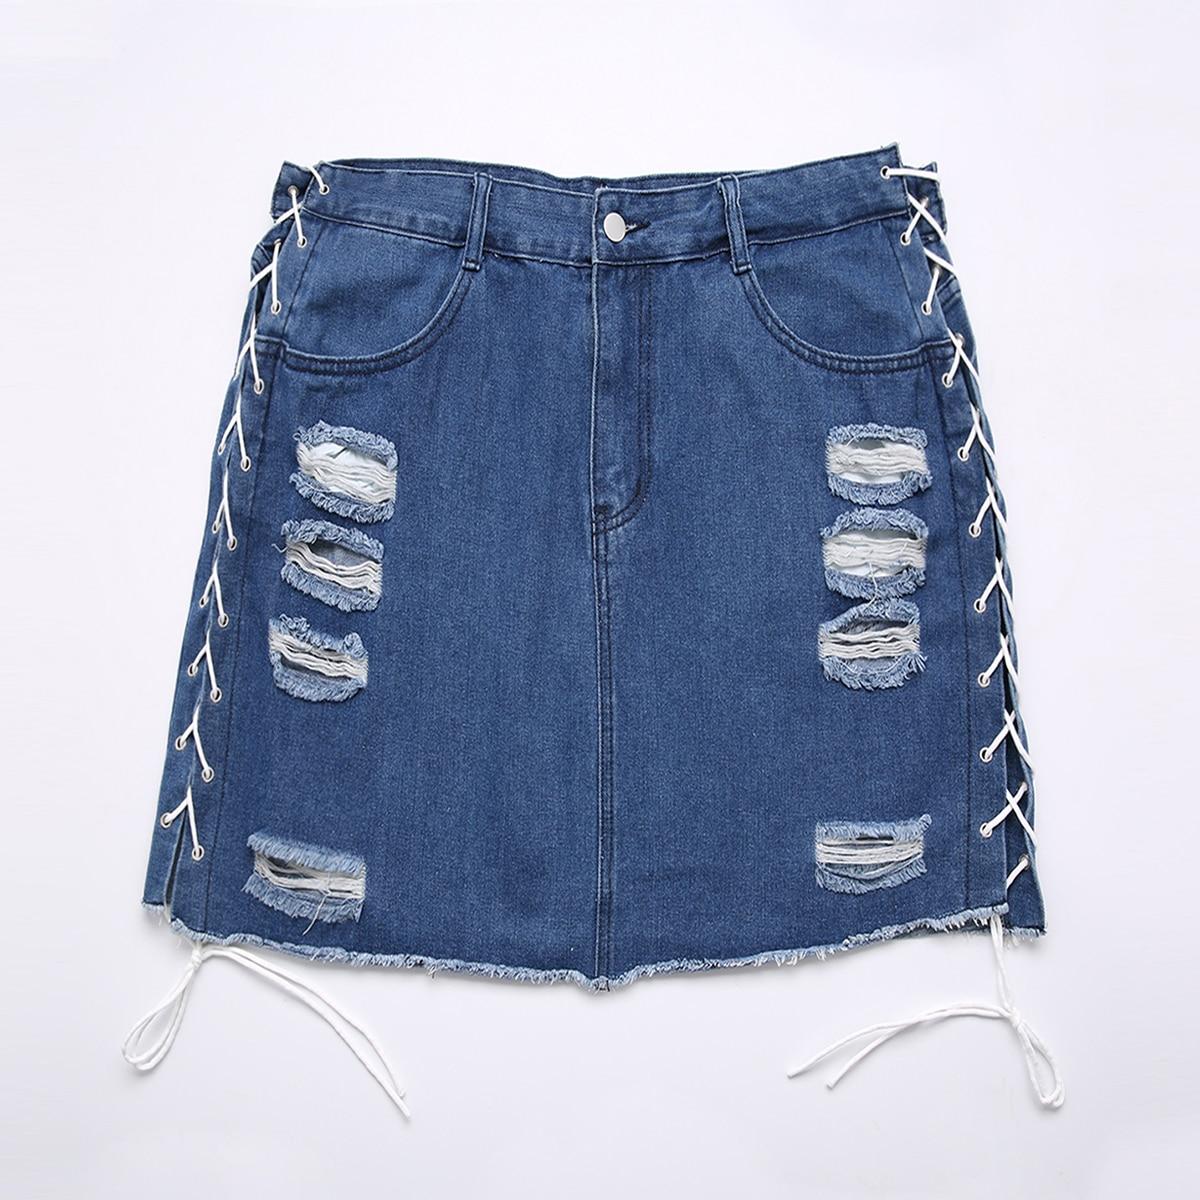 Рваная джинсовая юбка размера плюс со шнурком